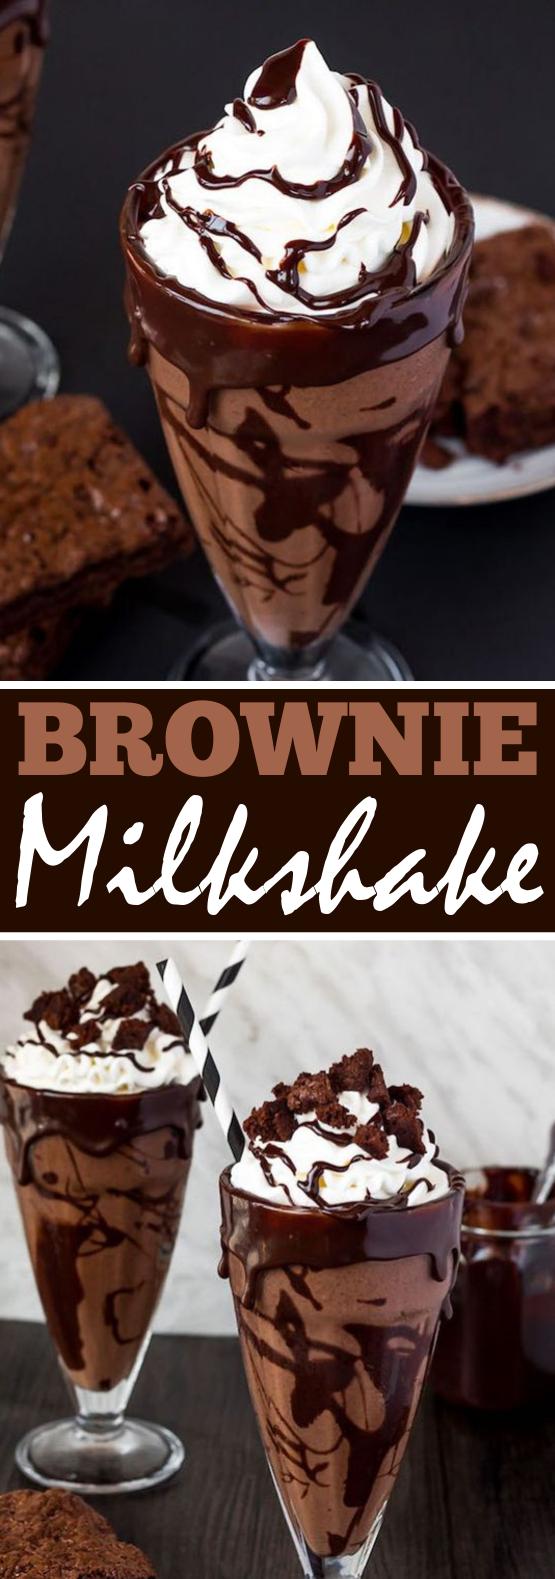 Brownie Milkshake #drinks #milkshake #chocolate #desserts #beverages